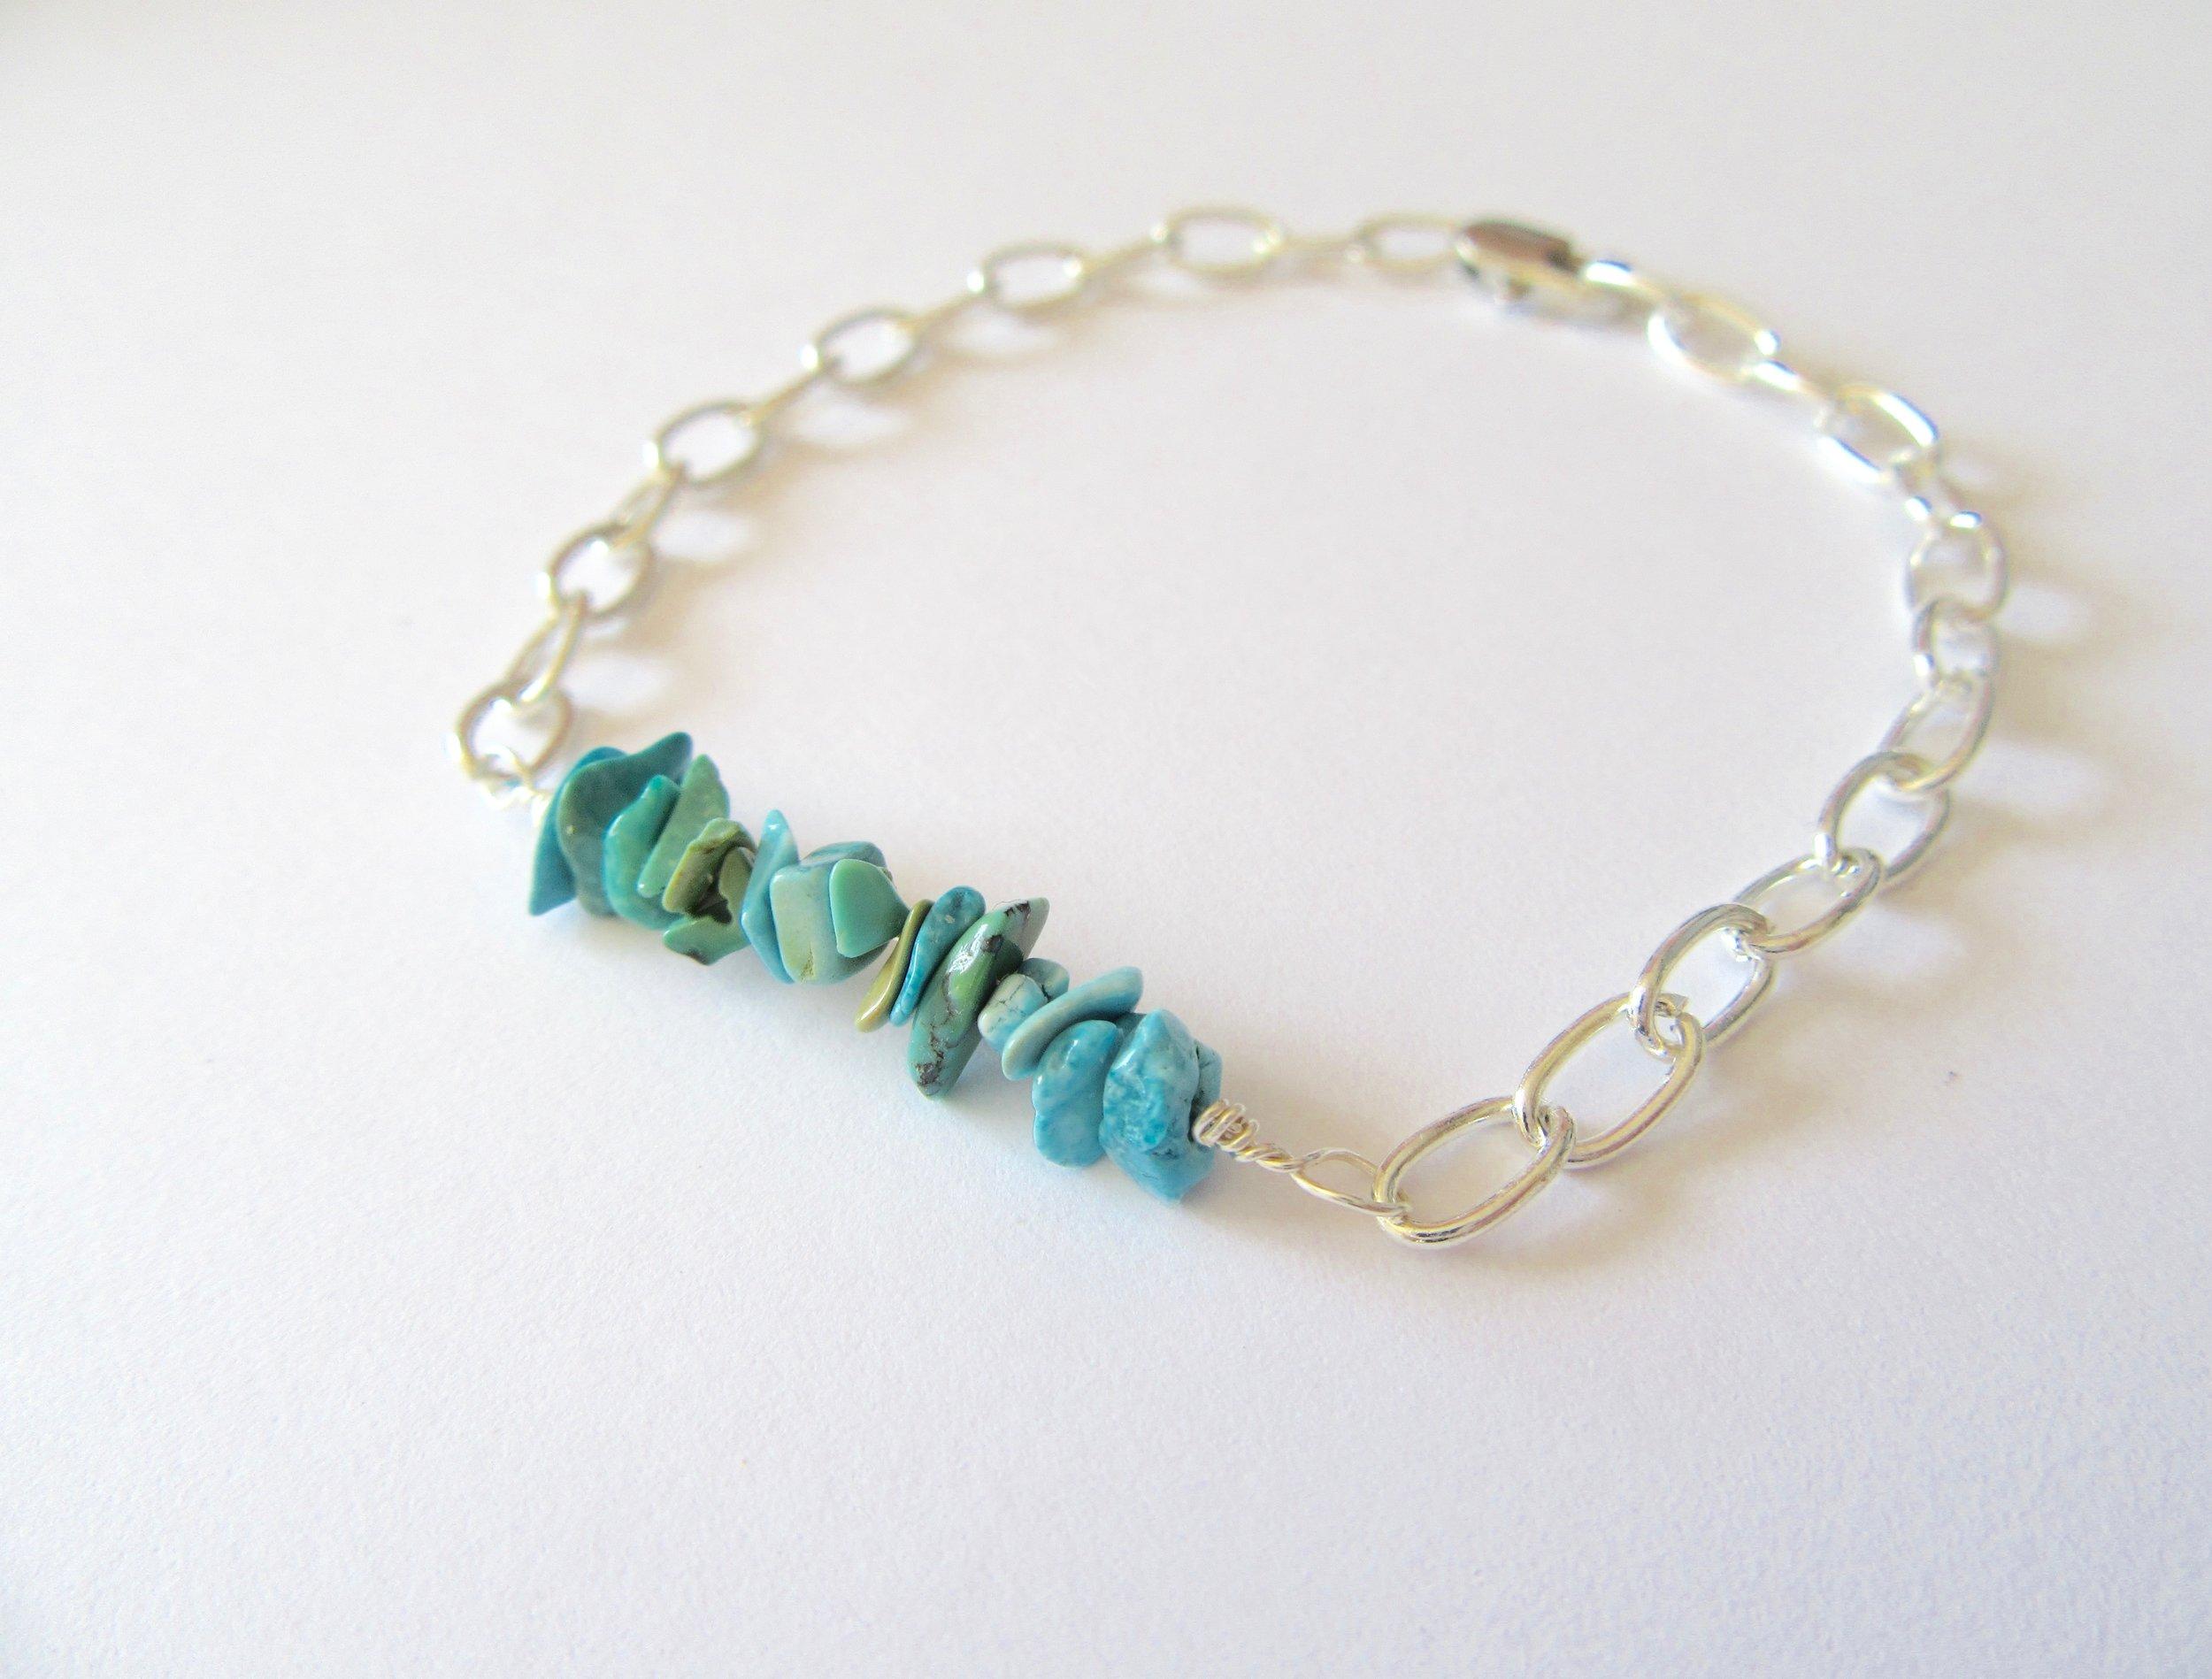 Turquoise_bracelet02.jpg